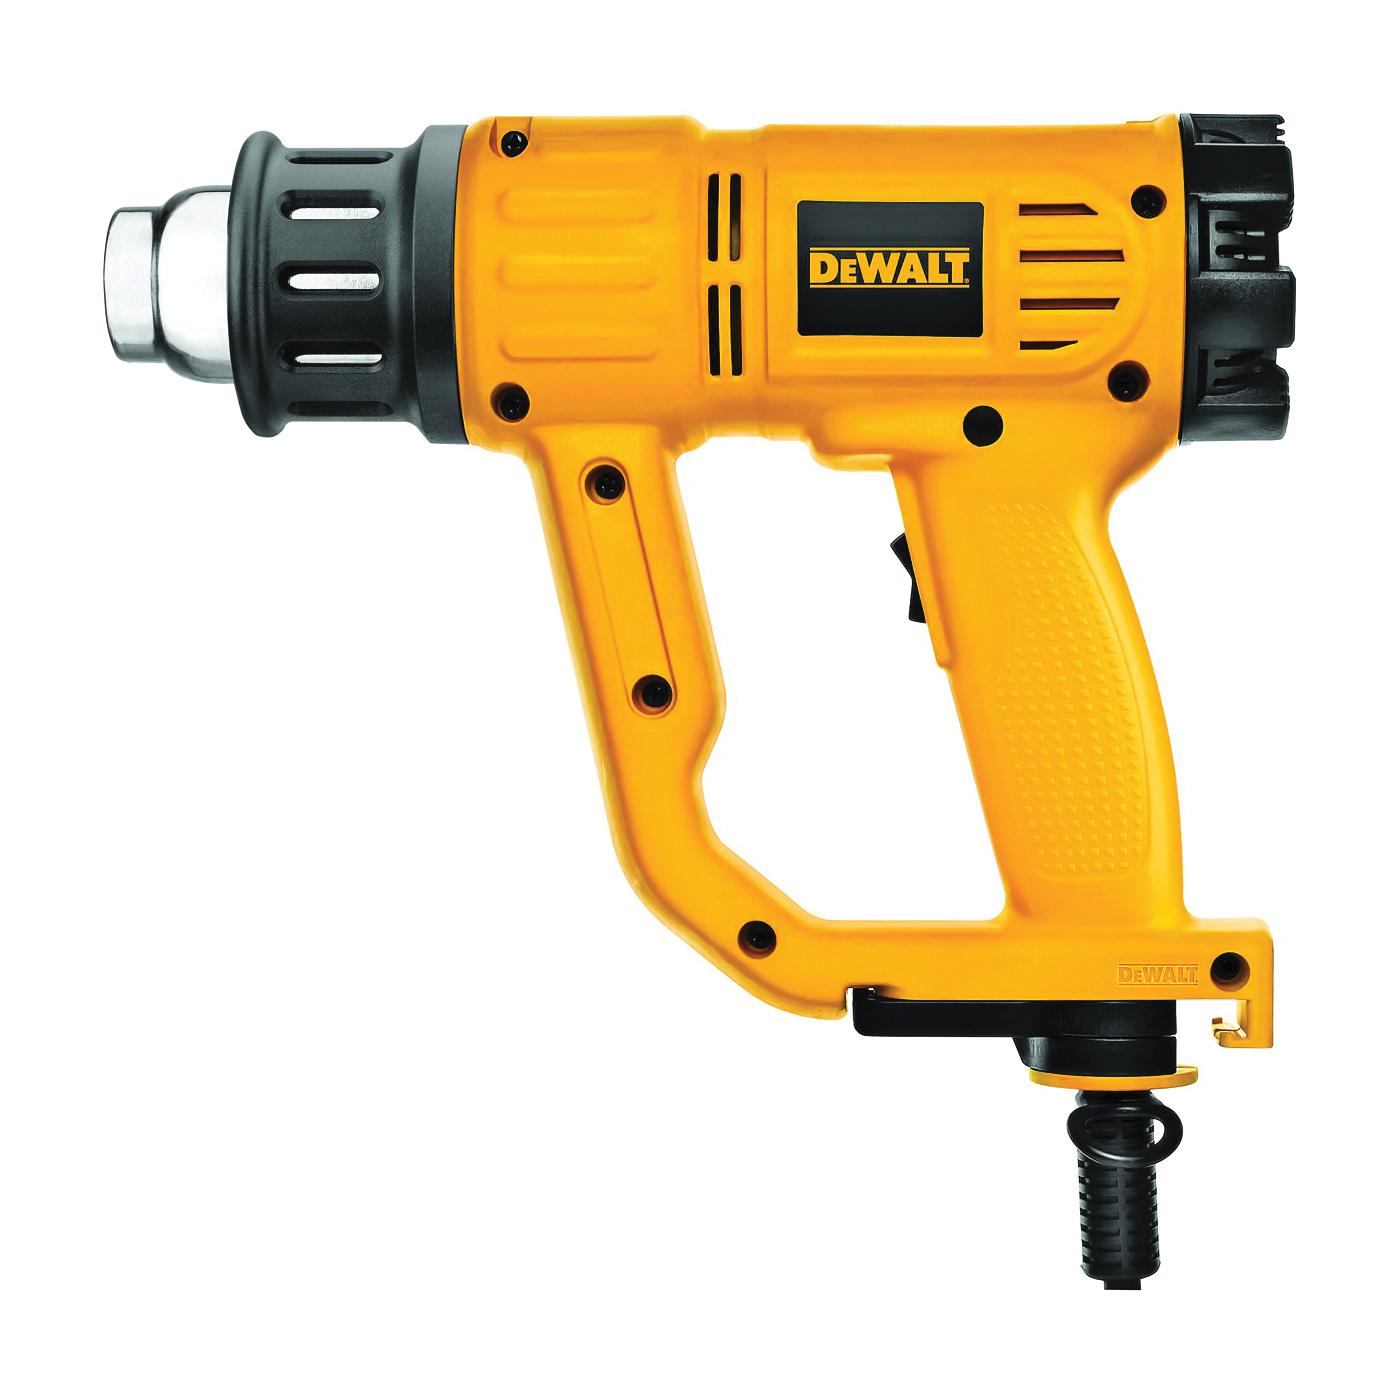 Picture of DeWALT D26950 Heat Gun, 120 V, 1550 W, 16 cfm Air